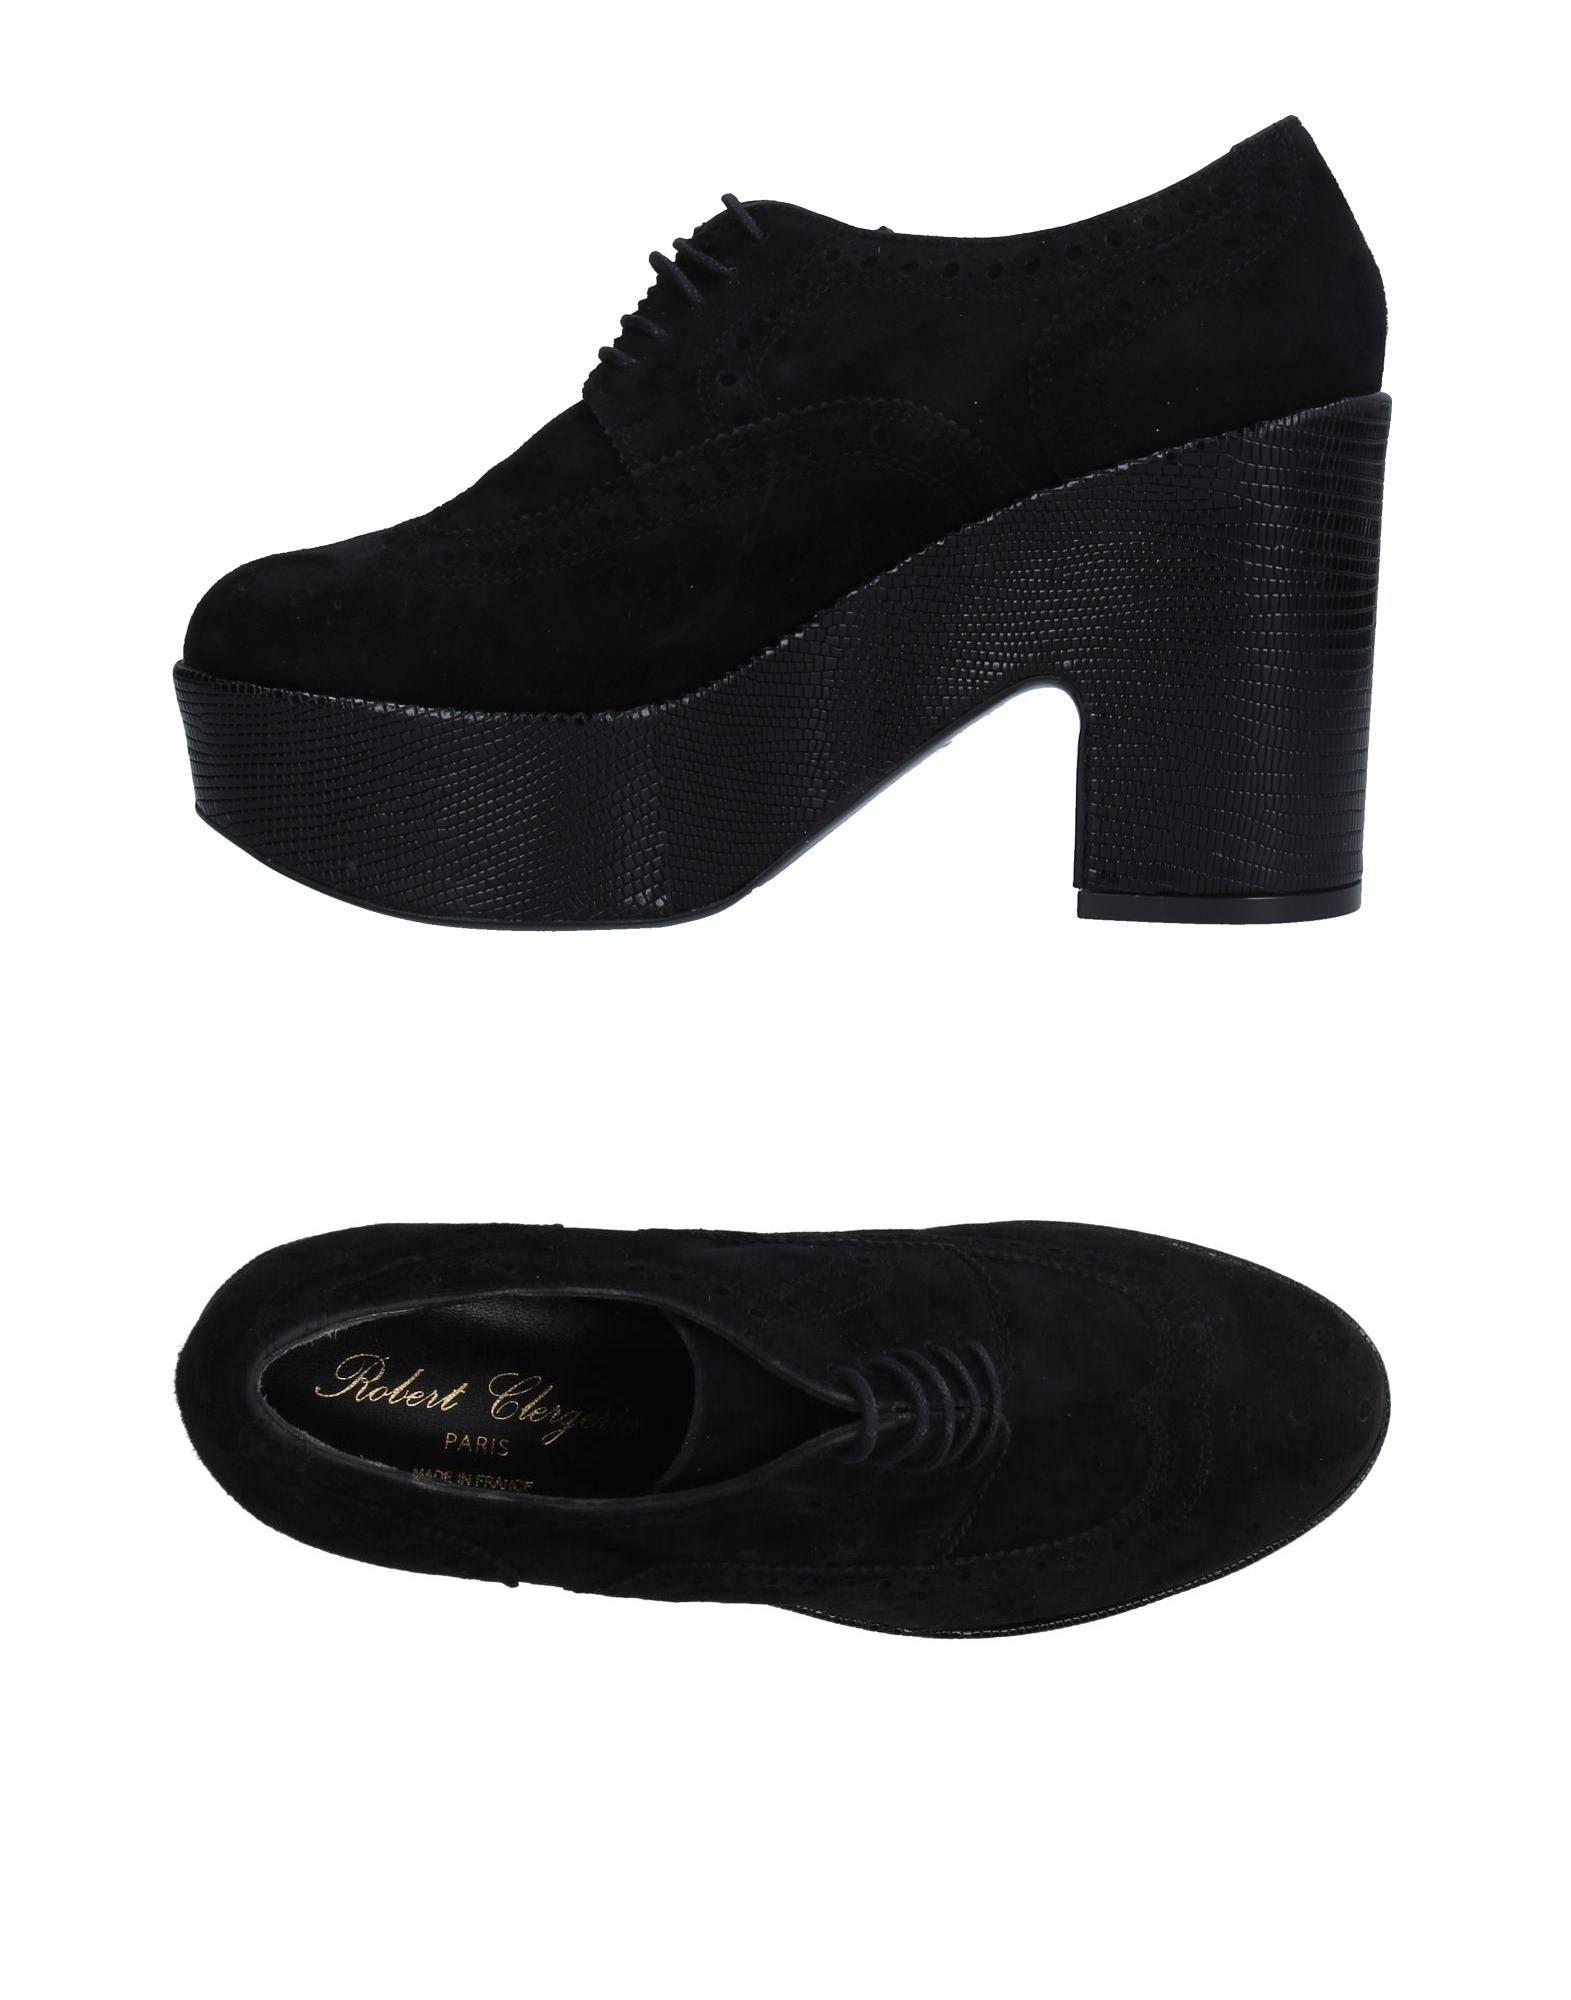 Robert Clergerie Schnürschuhe gut Damen  11215731QTGünstige gut Schnürschuhe aussehende Schuhe 259a73